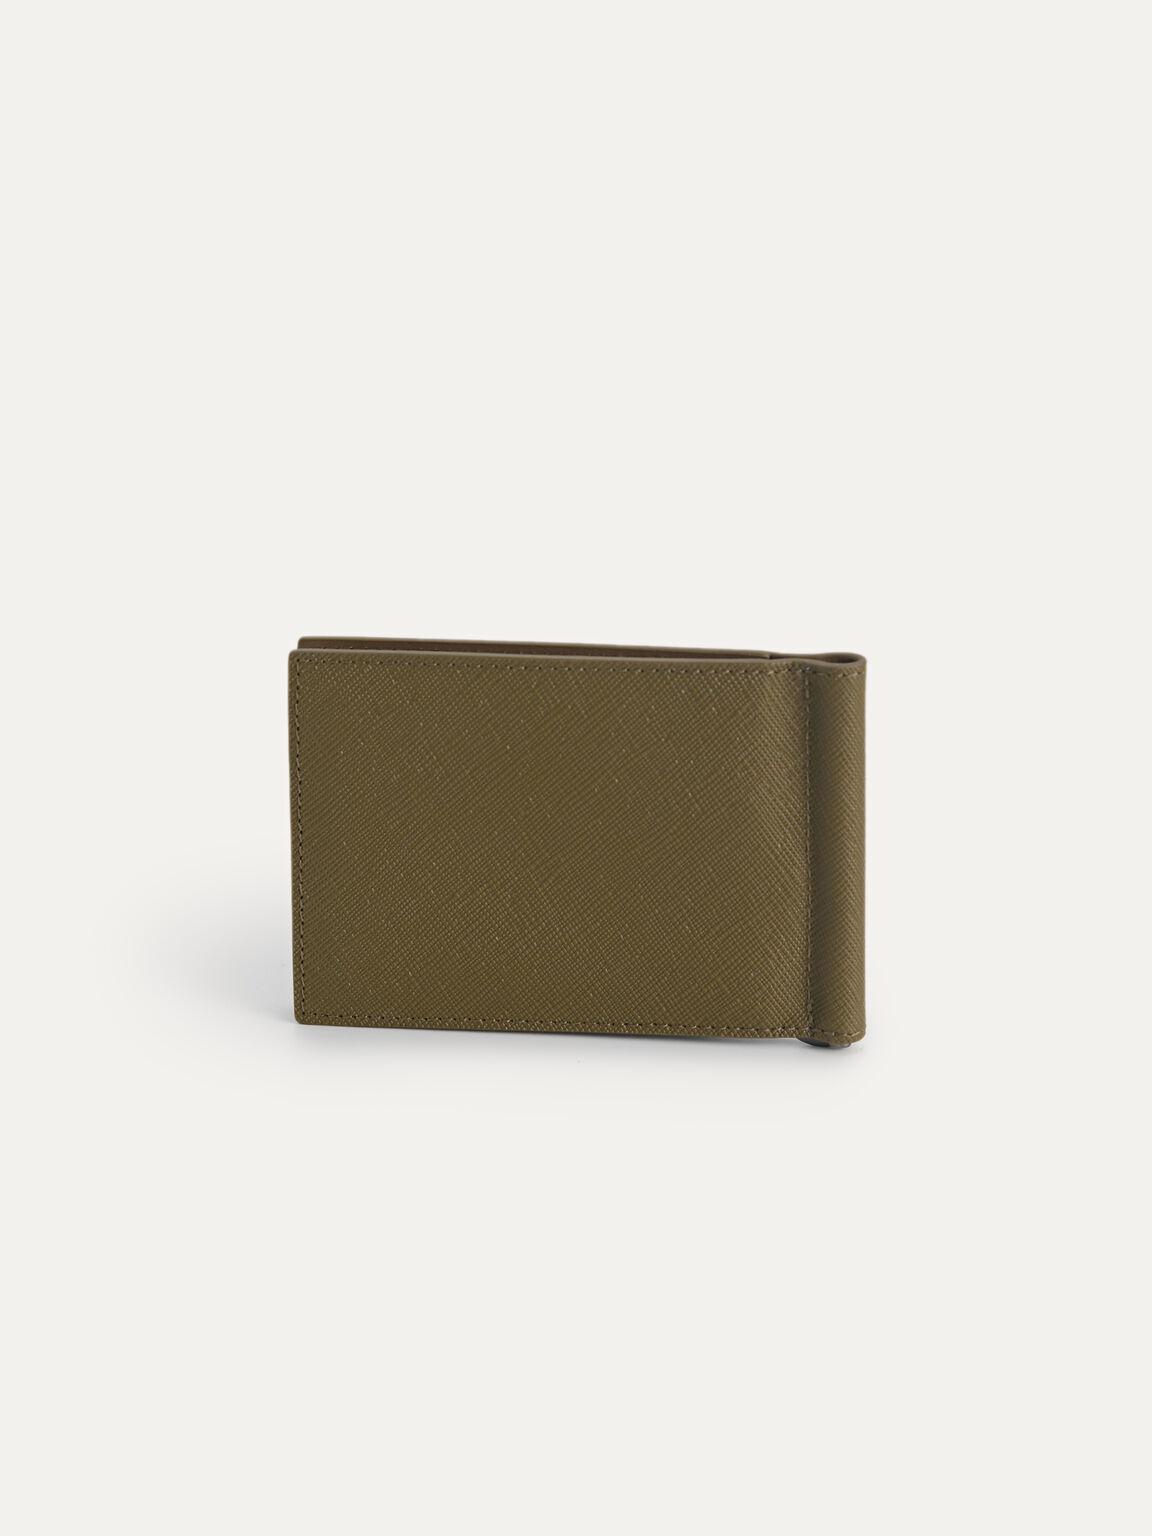 Textured Leather Bi-Fold Money Clip, Olive, hi-res